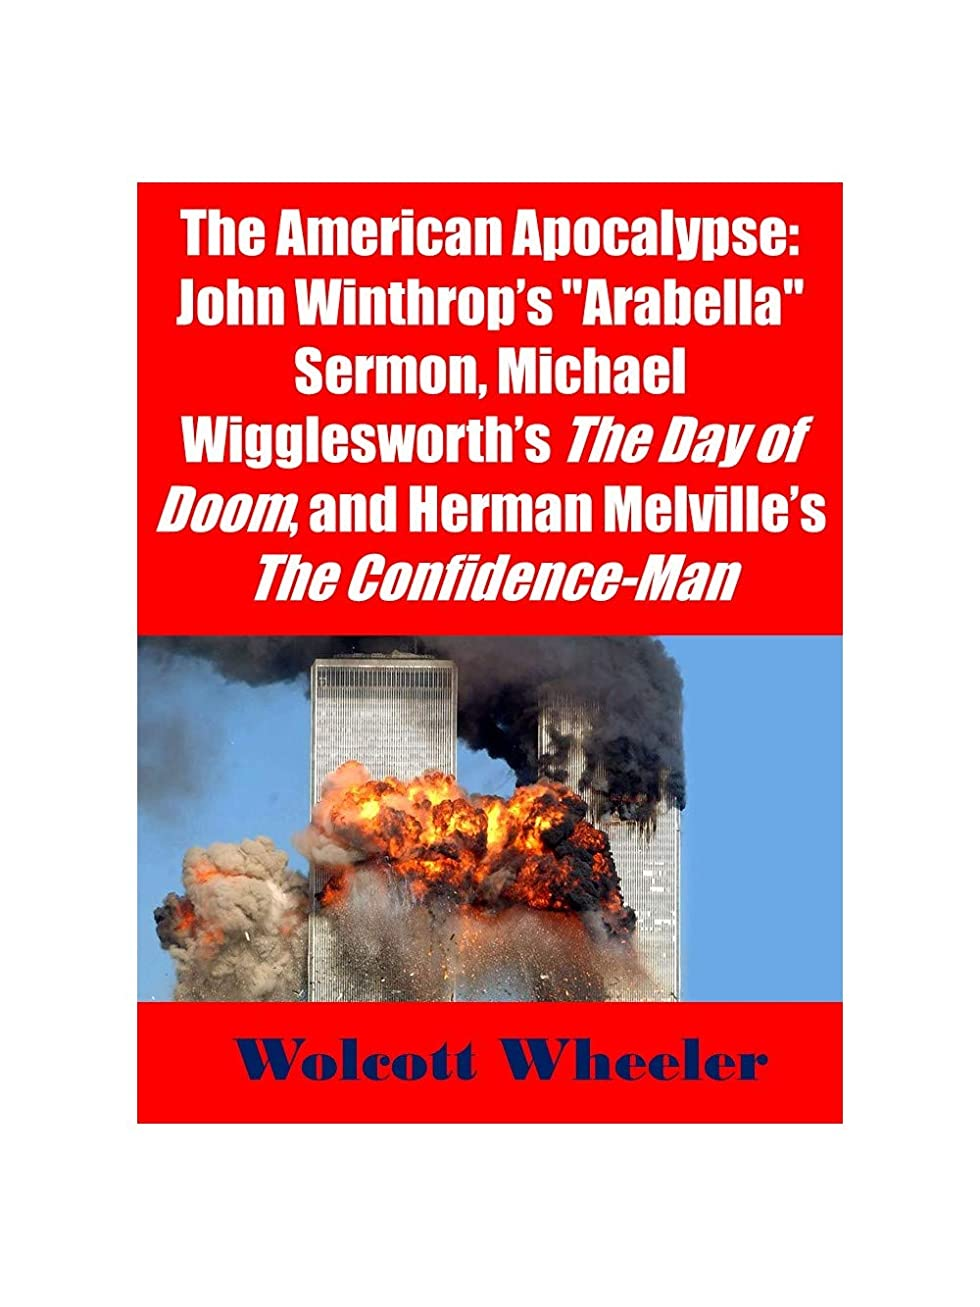 専門知識社員医師The American Apocalypse: John Winthrop's